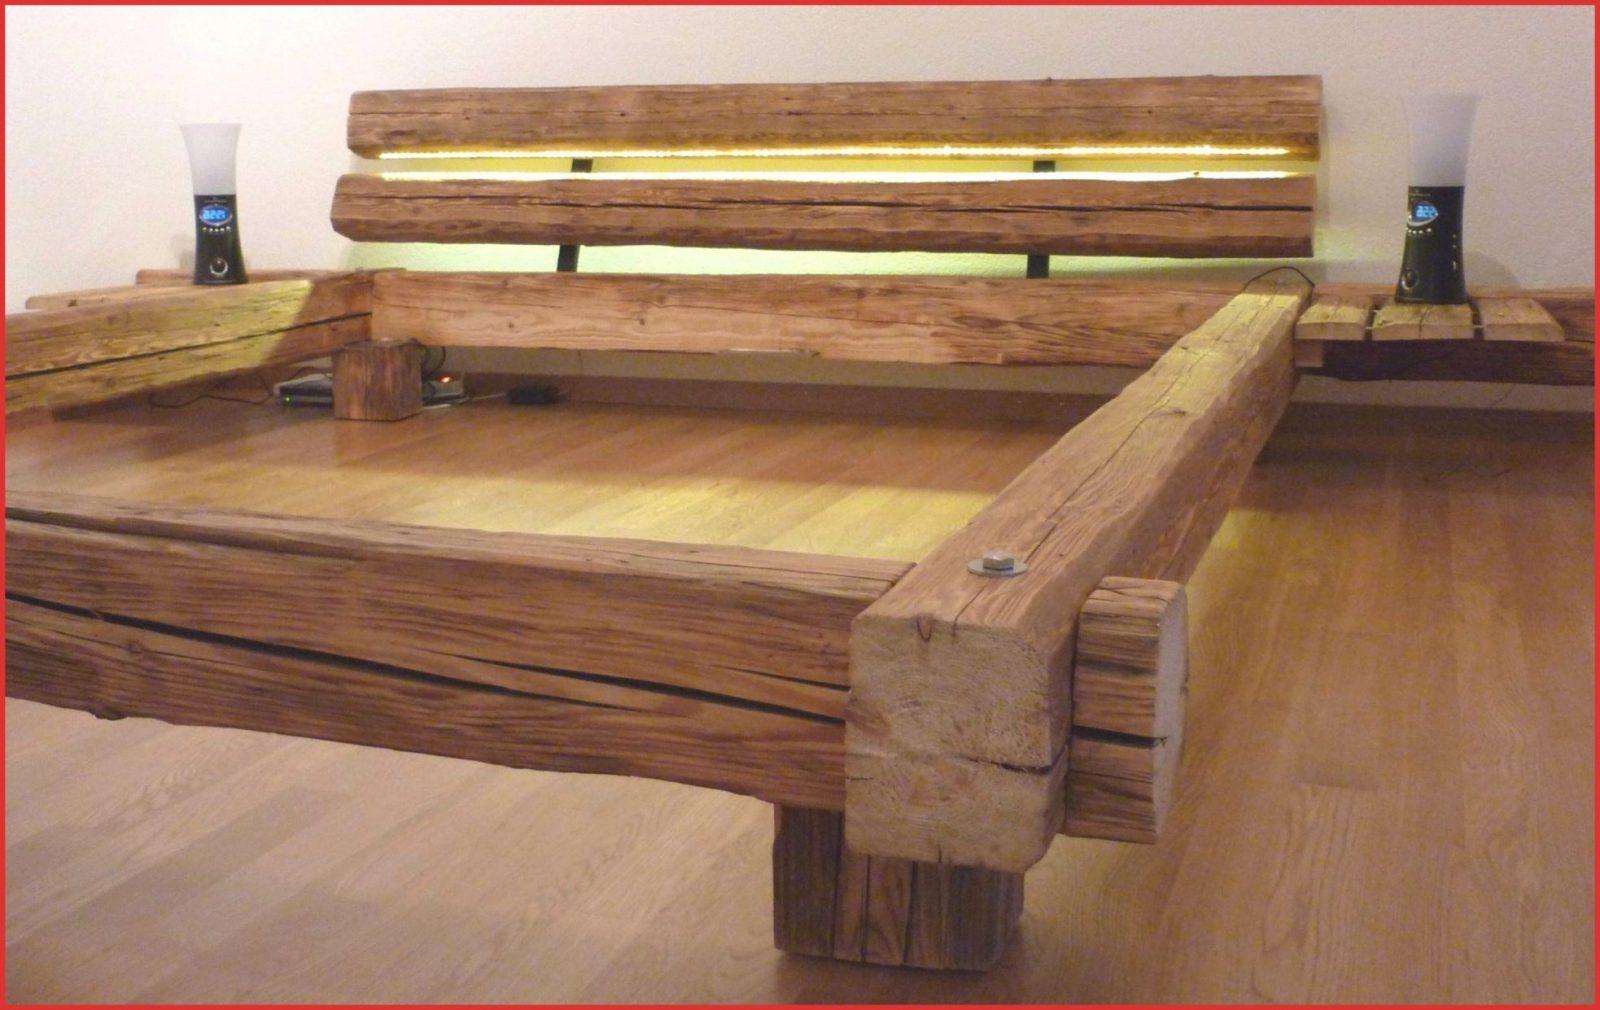 Bett Selber Bauen Holz 270491 Wunderbare Inspiration Bett Selber von Bett Aus Holz Selber Bauen Bild